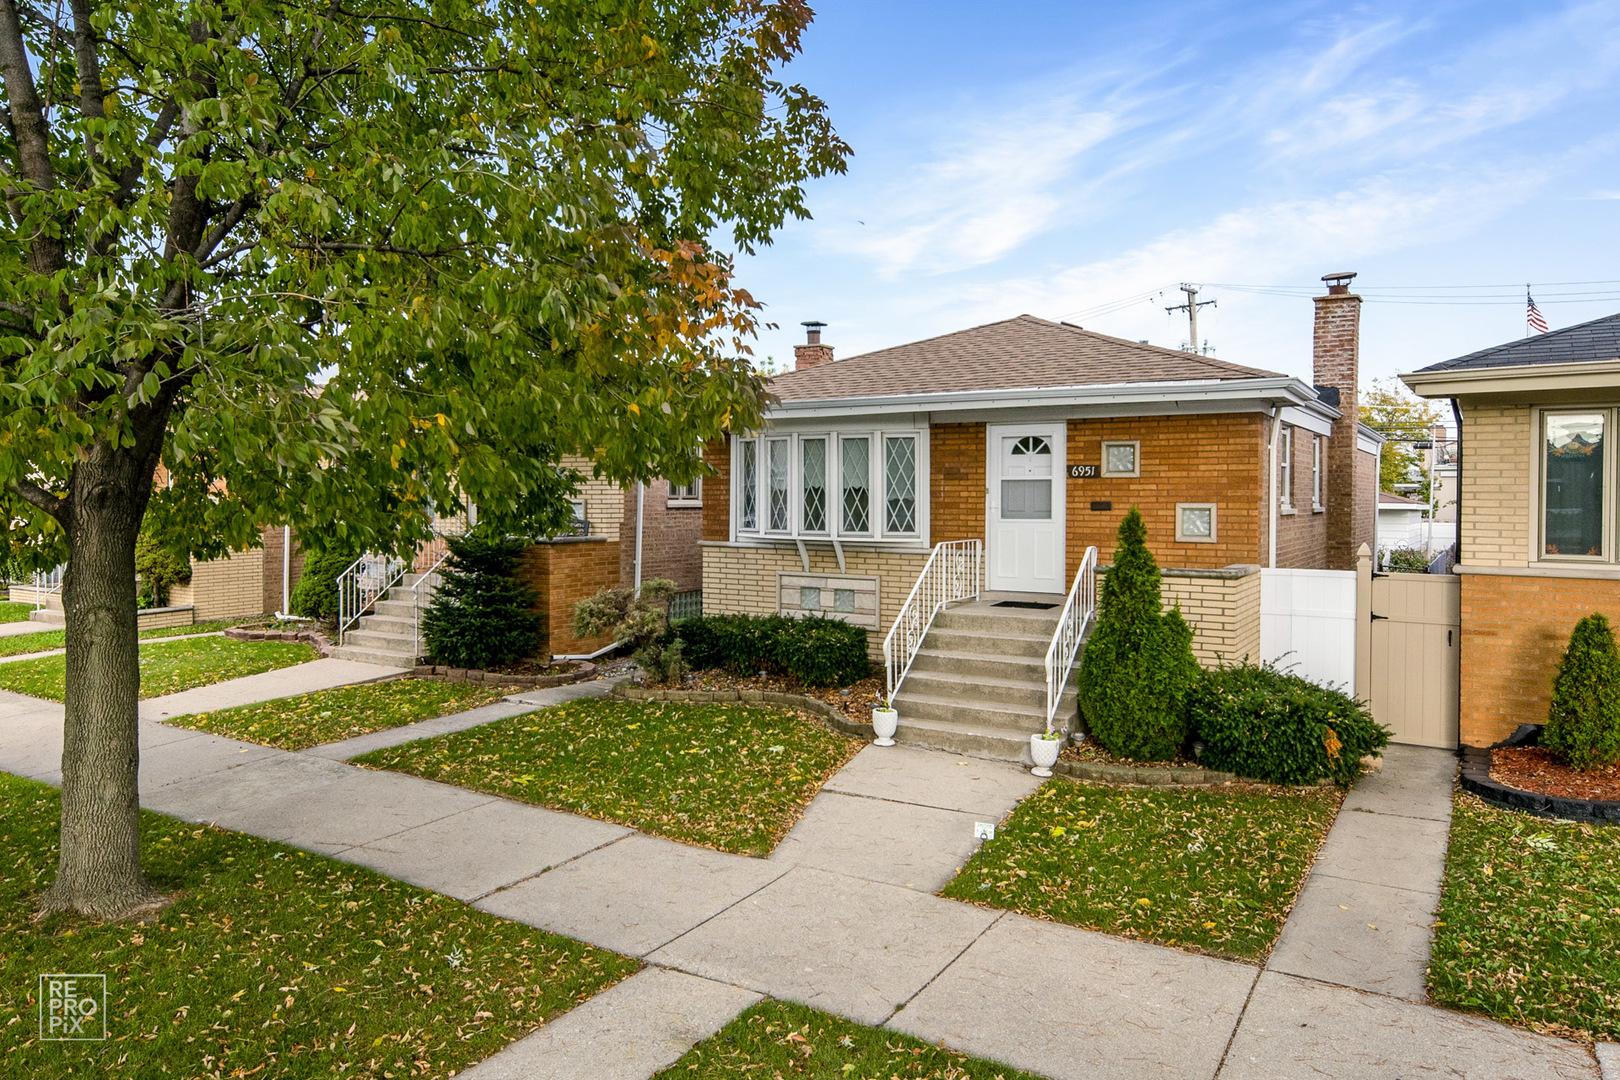 6951 S Komensky Avenue, Chicago IL 60629